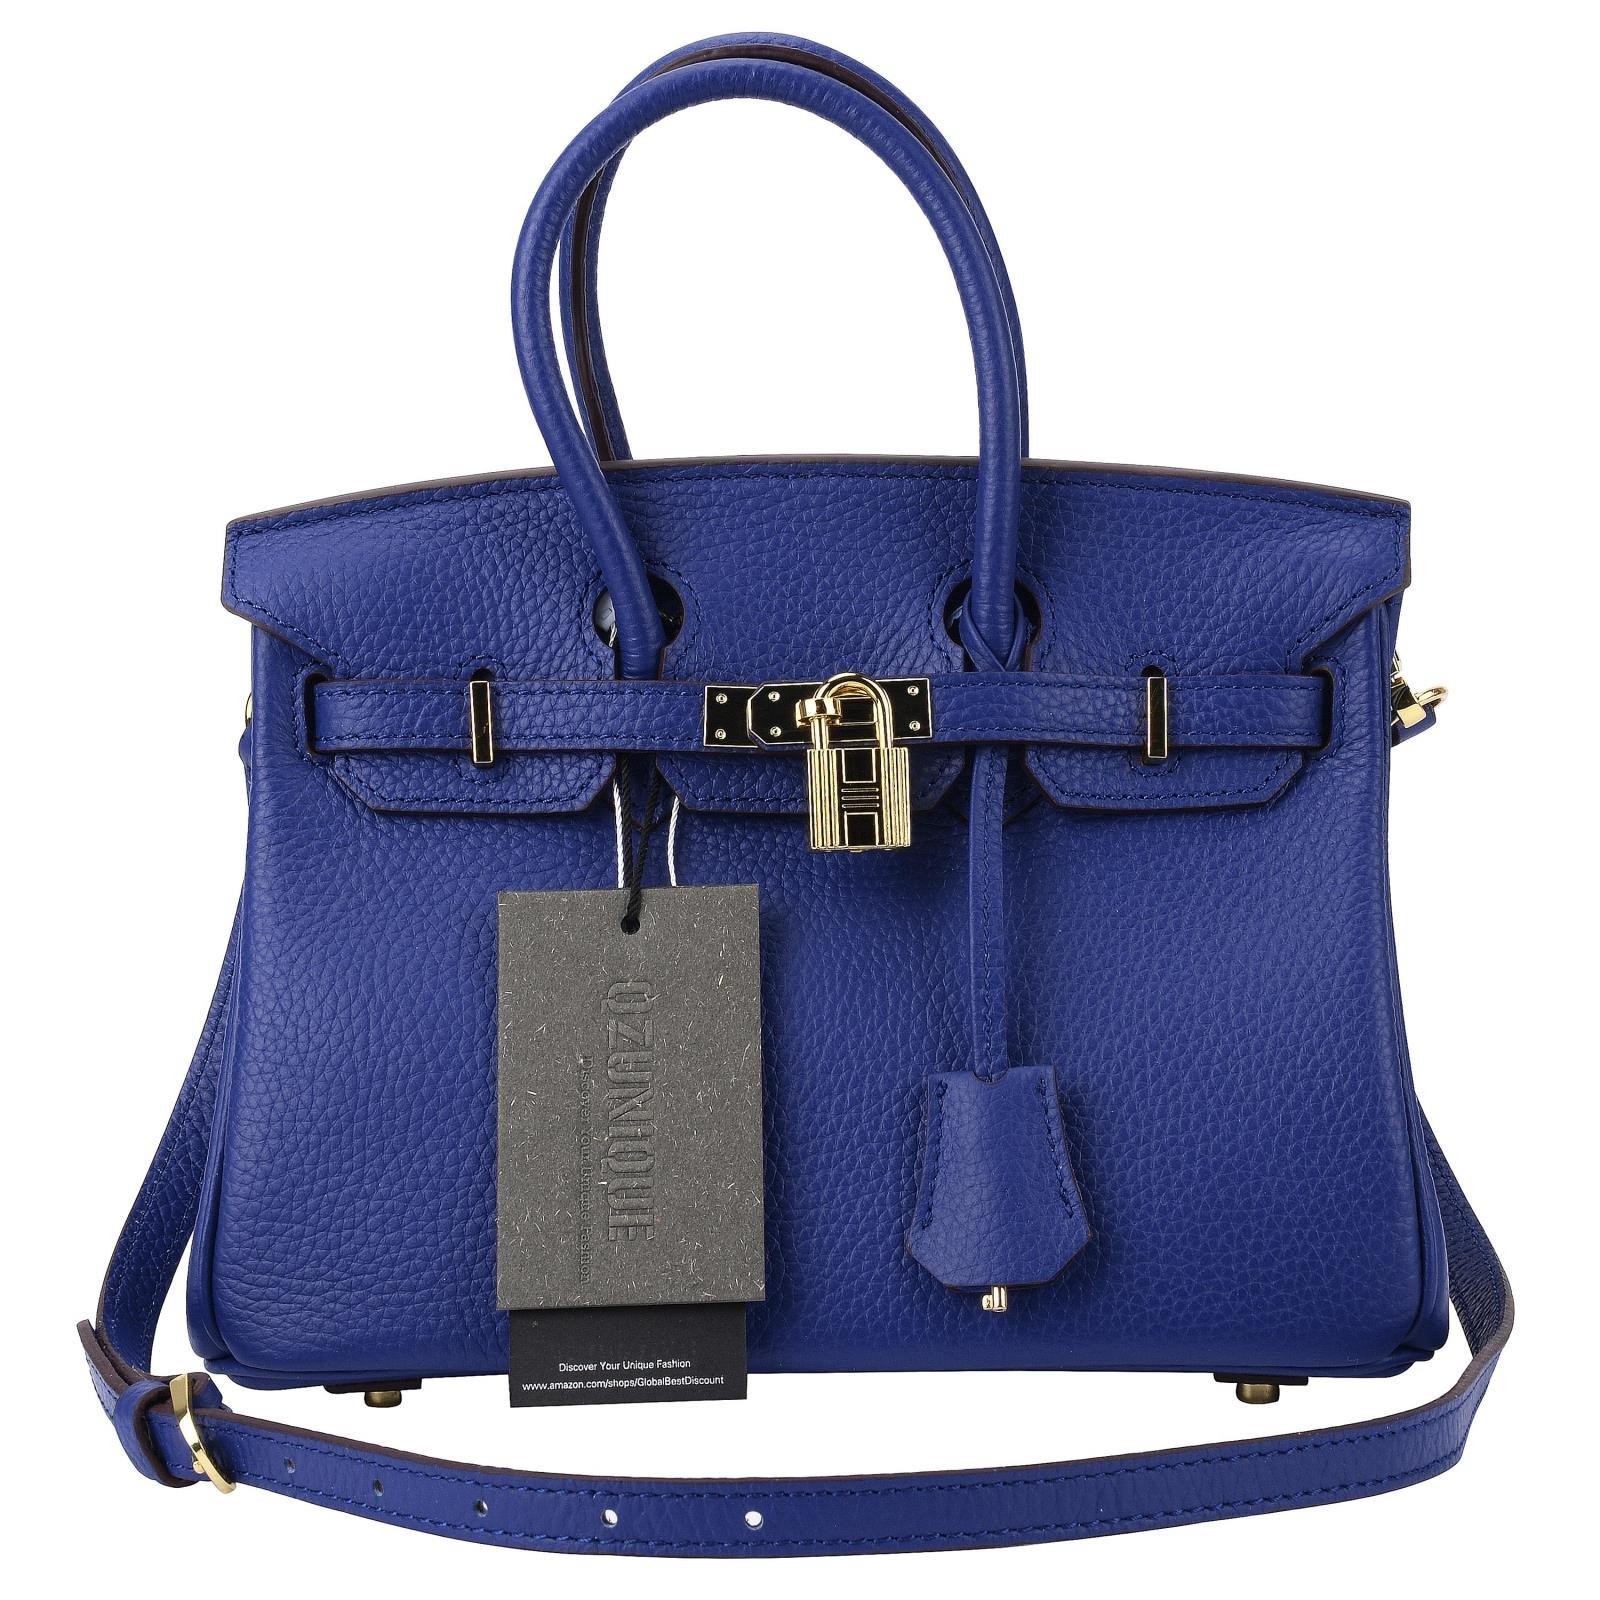 QZUnique Women's Cowhide Genuine Leather Fashion Zipper Buckle Belt Metalic Top Handle Bag Dazzling Blue 35cm